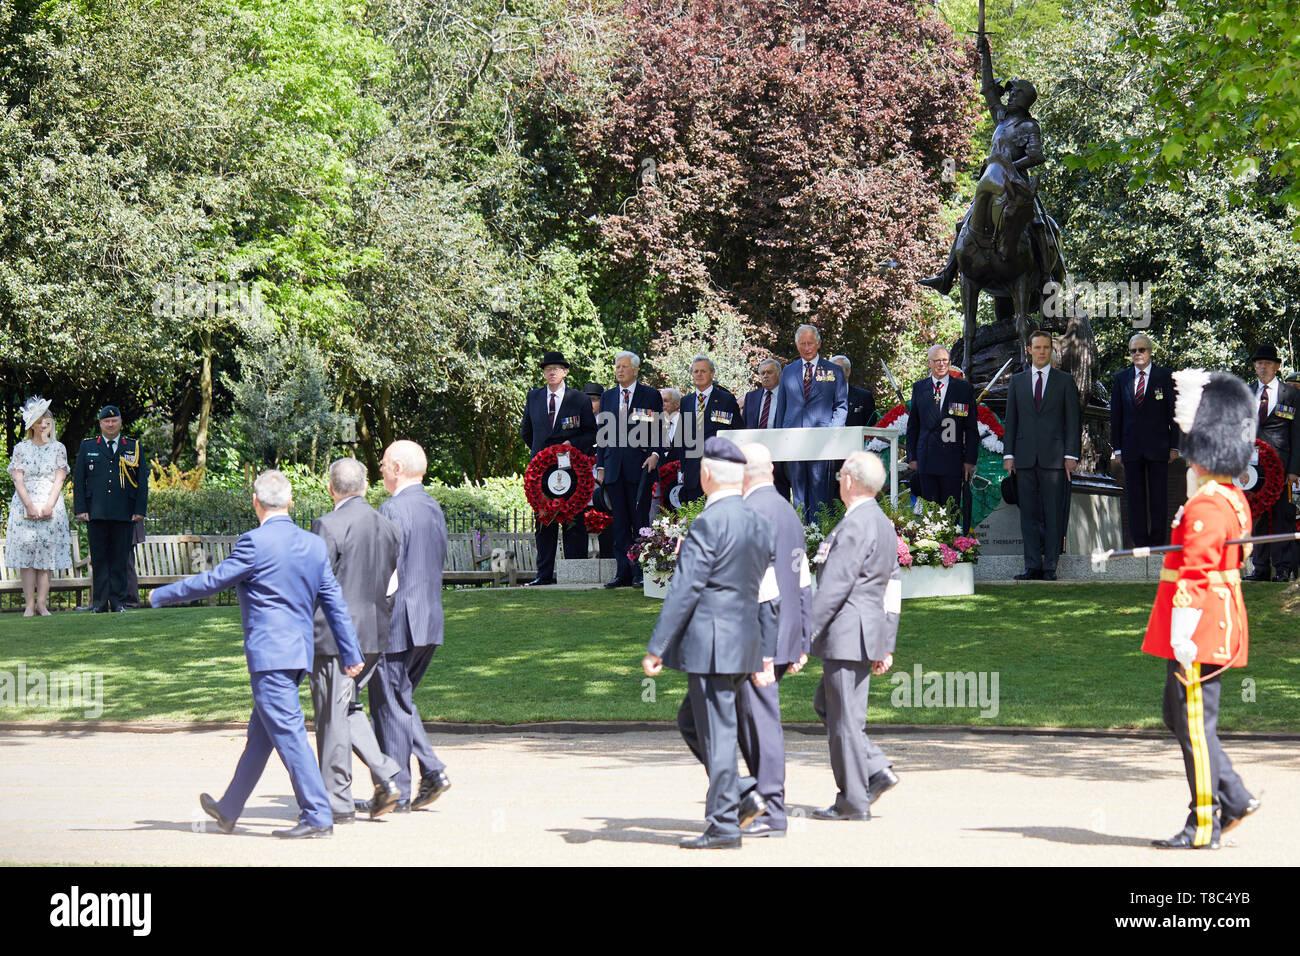 Londres, Royaume-Uni - 12 mai 2019: Son Altesse Royale le Prince de Galles inspecte les cavaliers passés et présents dans le cadre de la 94e parade annuelle de l'Association anciens camarades de cavalerie dans Hyde Park. Photo Stock